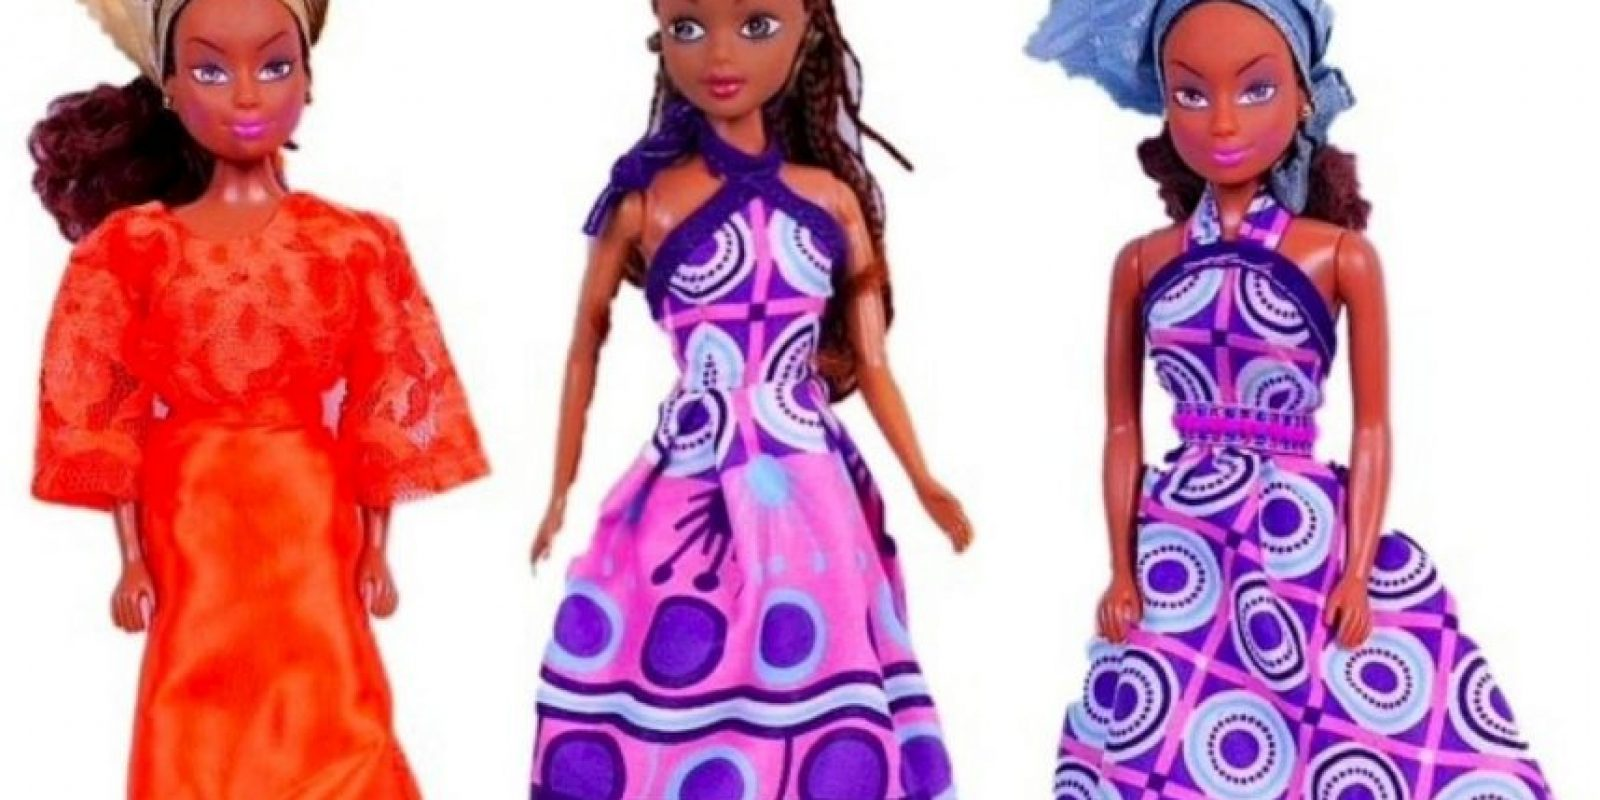 """Las muñecas """"Queens of Africa Dolls"""" fueron creadas por el nigeriano Taofick Ockoya, que no encontraba una Barbie negra para su hija Foto:Queensofafricadolls.com"""